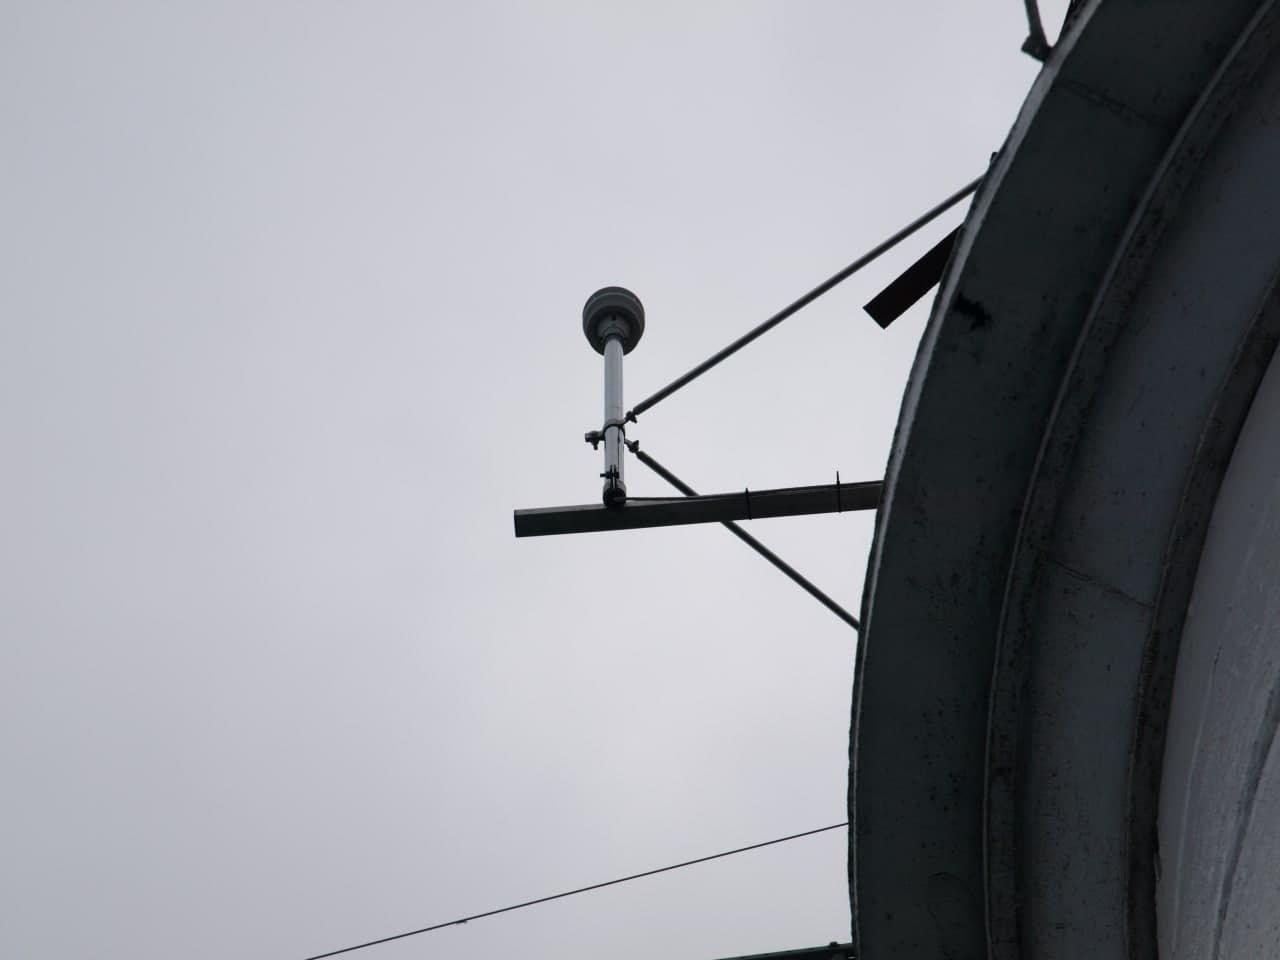 В Одессе оснастили новым оборудованием Воронцовский маяк, - ФОТО, фото-1